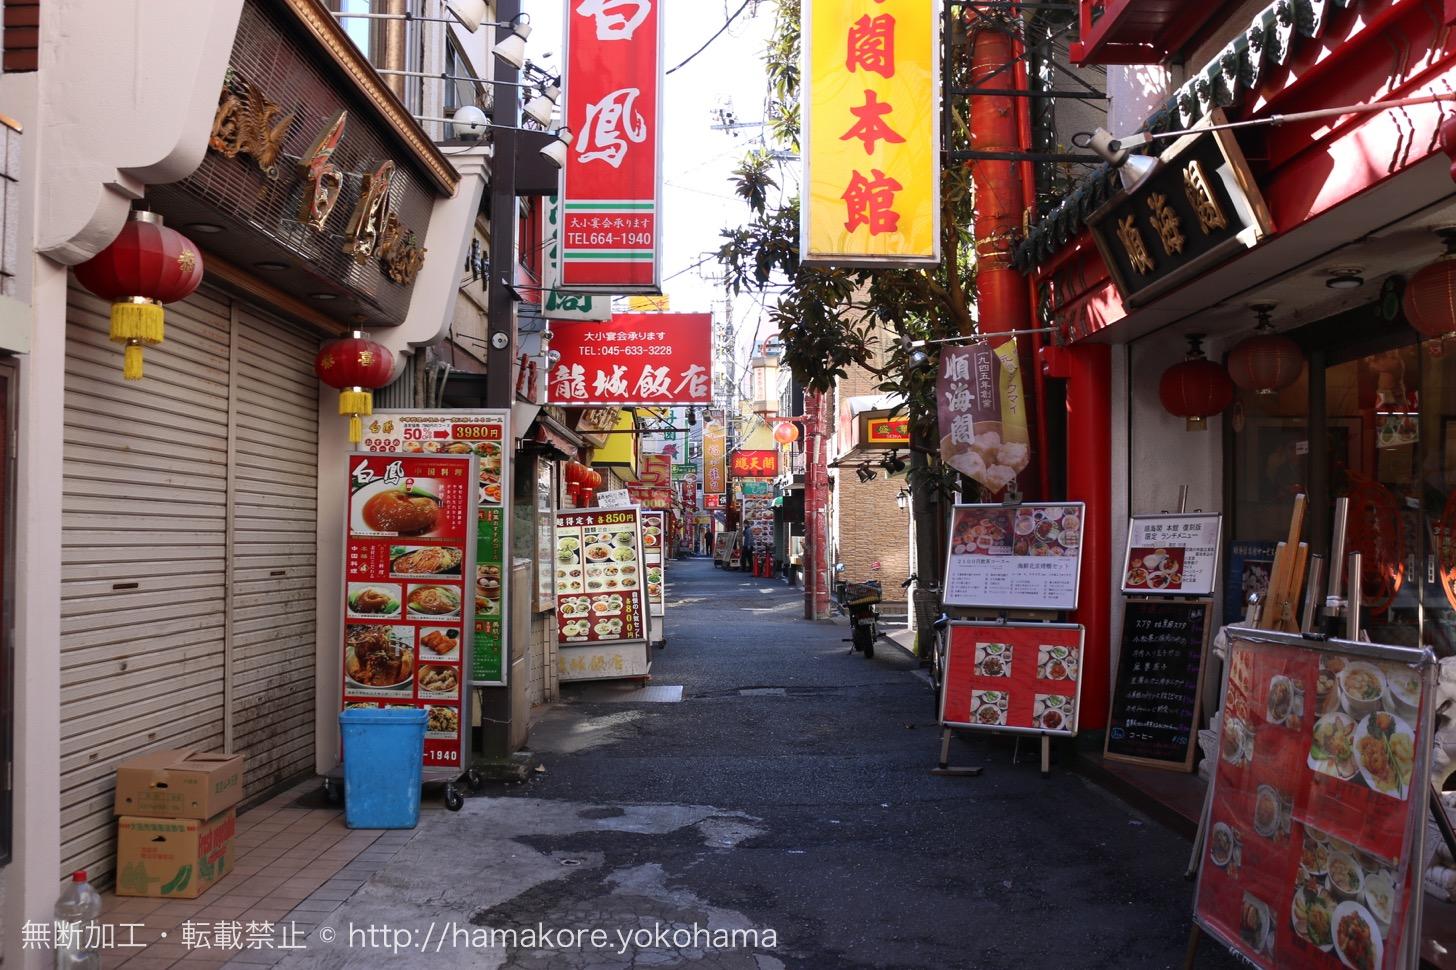 旅ずきんちゃん・横浜中華街全店制覇のハカセが教えるオススメのお店